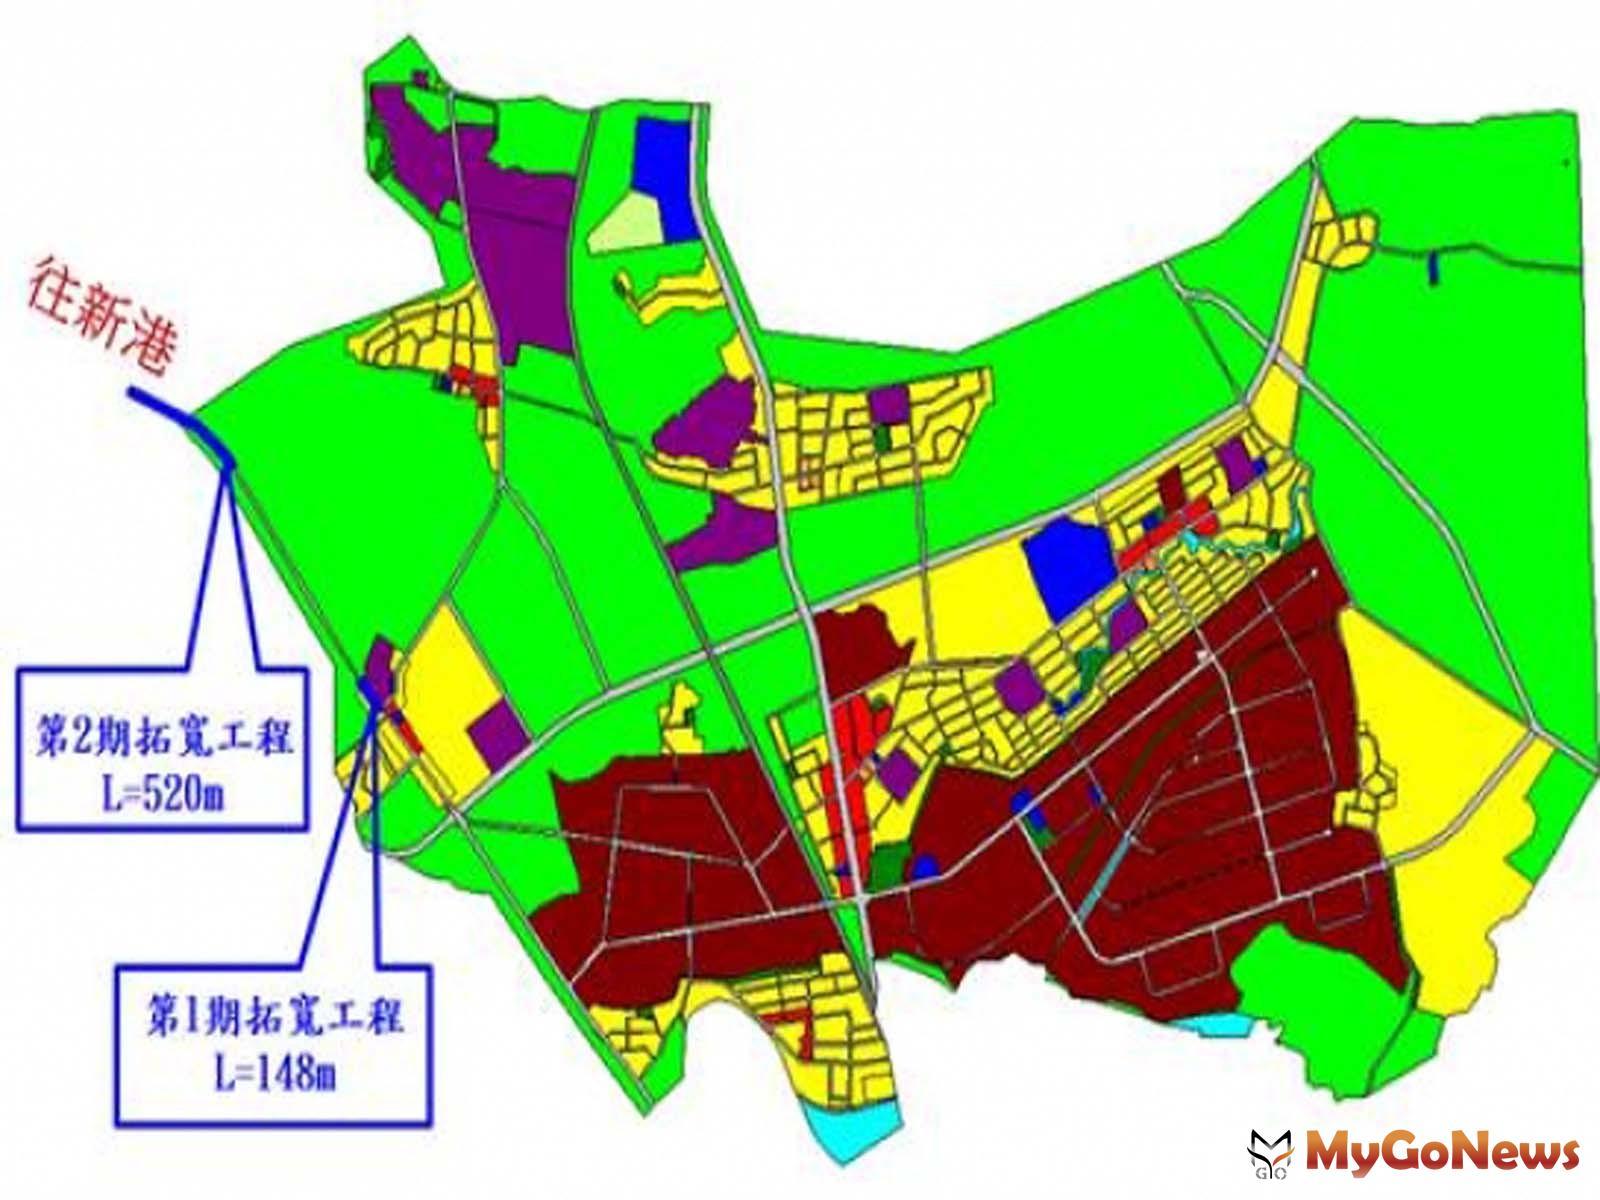 民雄頭橋地區都市計畫11號道路第二期拓寬工程,近期開闢,將帶動民雄鄉之整體發展(圖:營建署) MyGoNews房地產新聞 區域情報